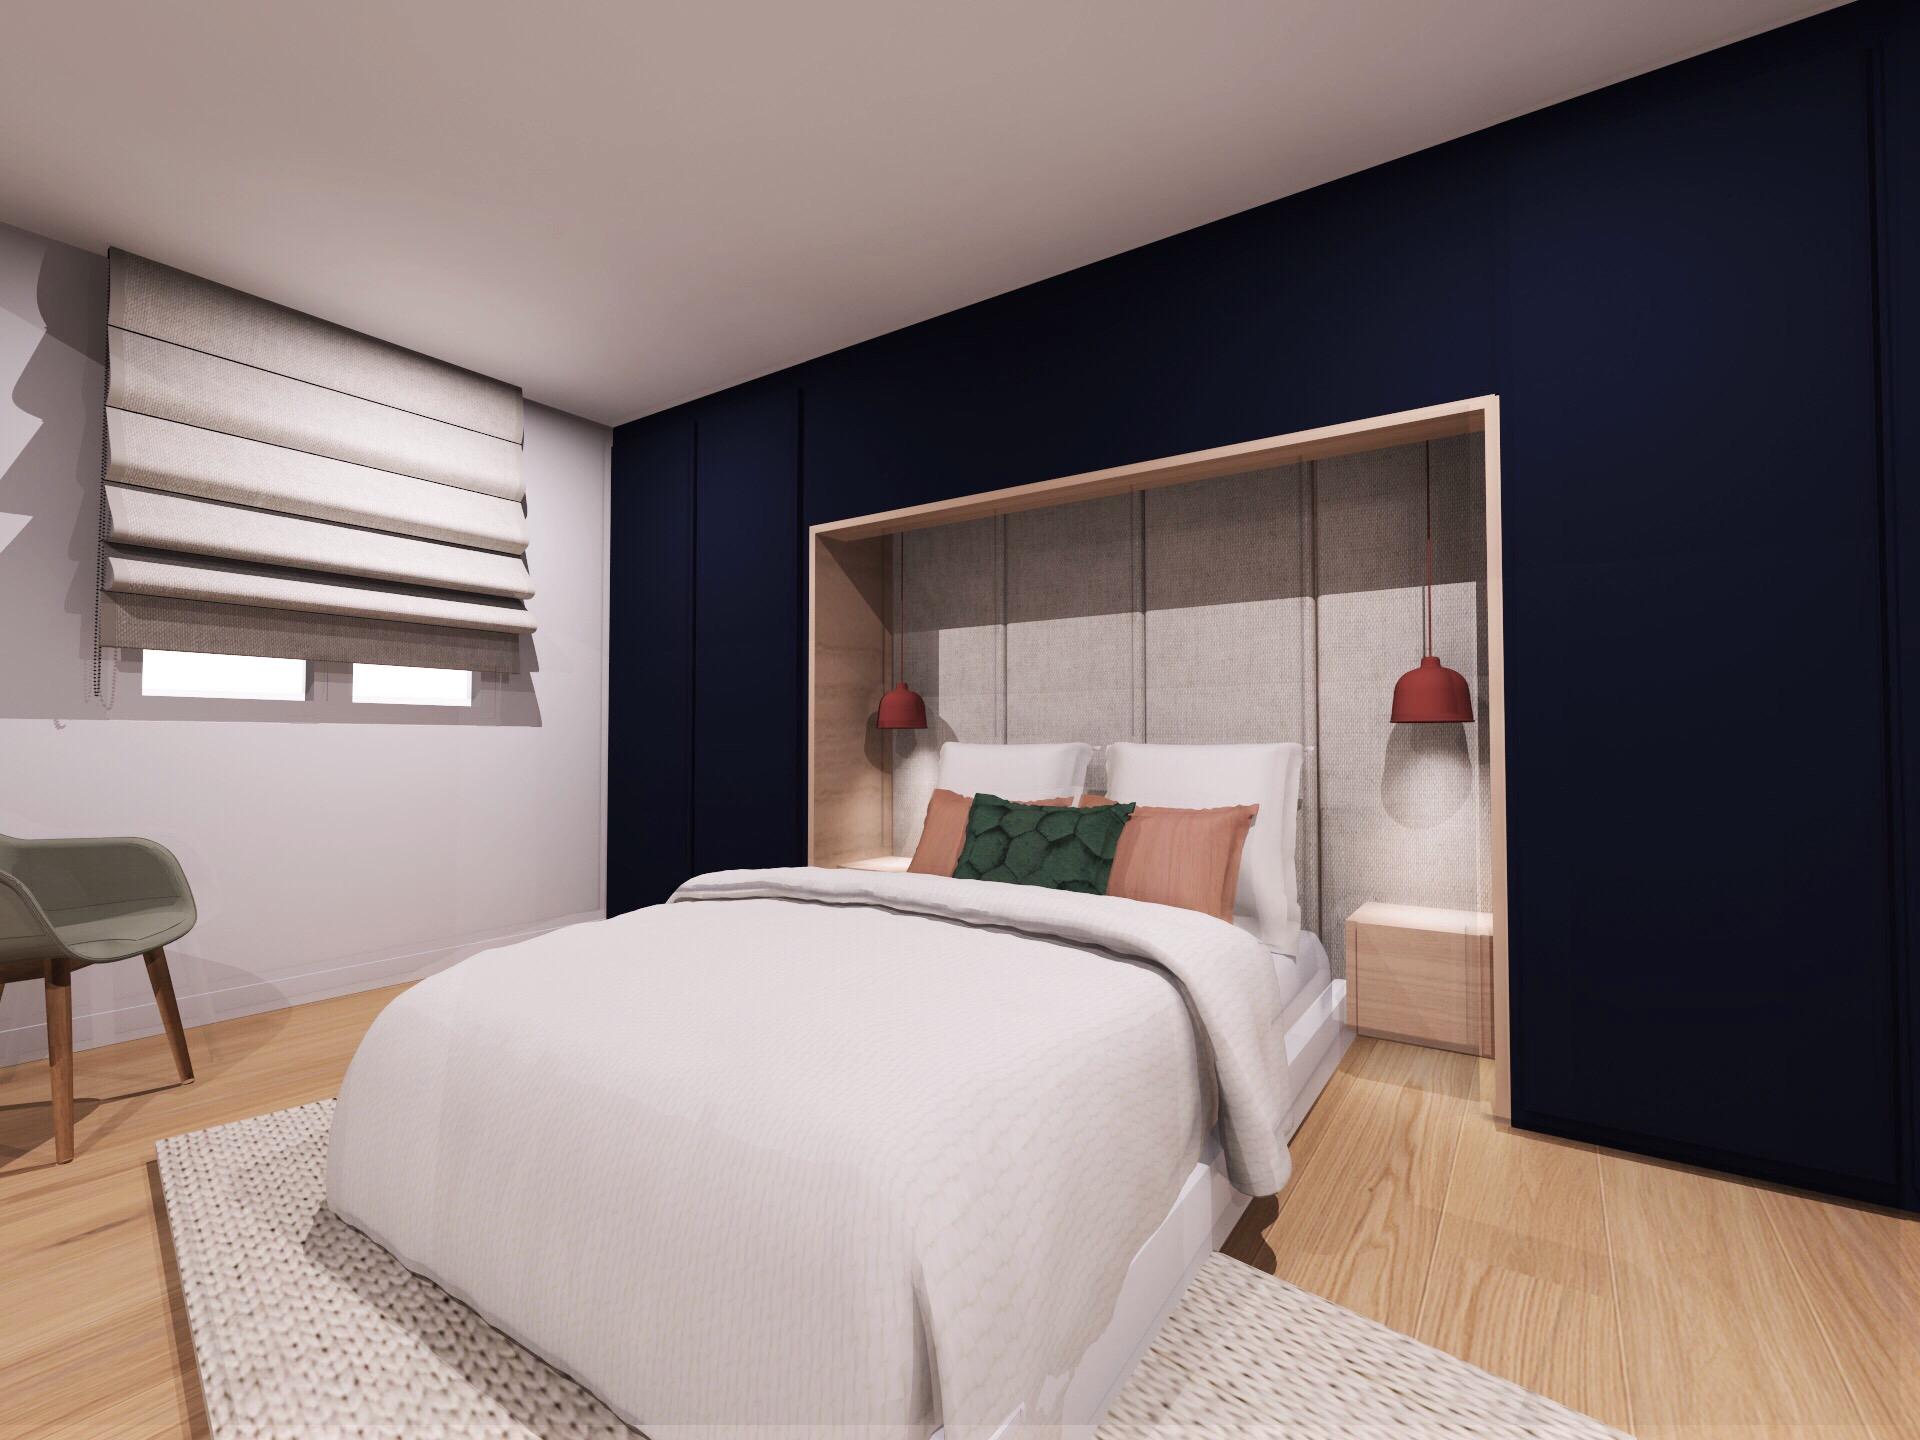 Anouck Charbonnier - Création d'une chambre supplémentaire en appartement